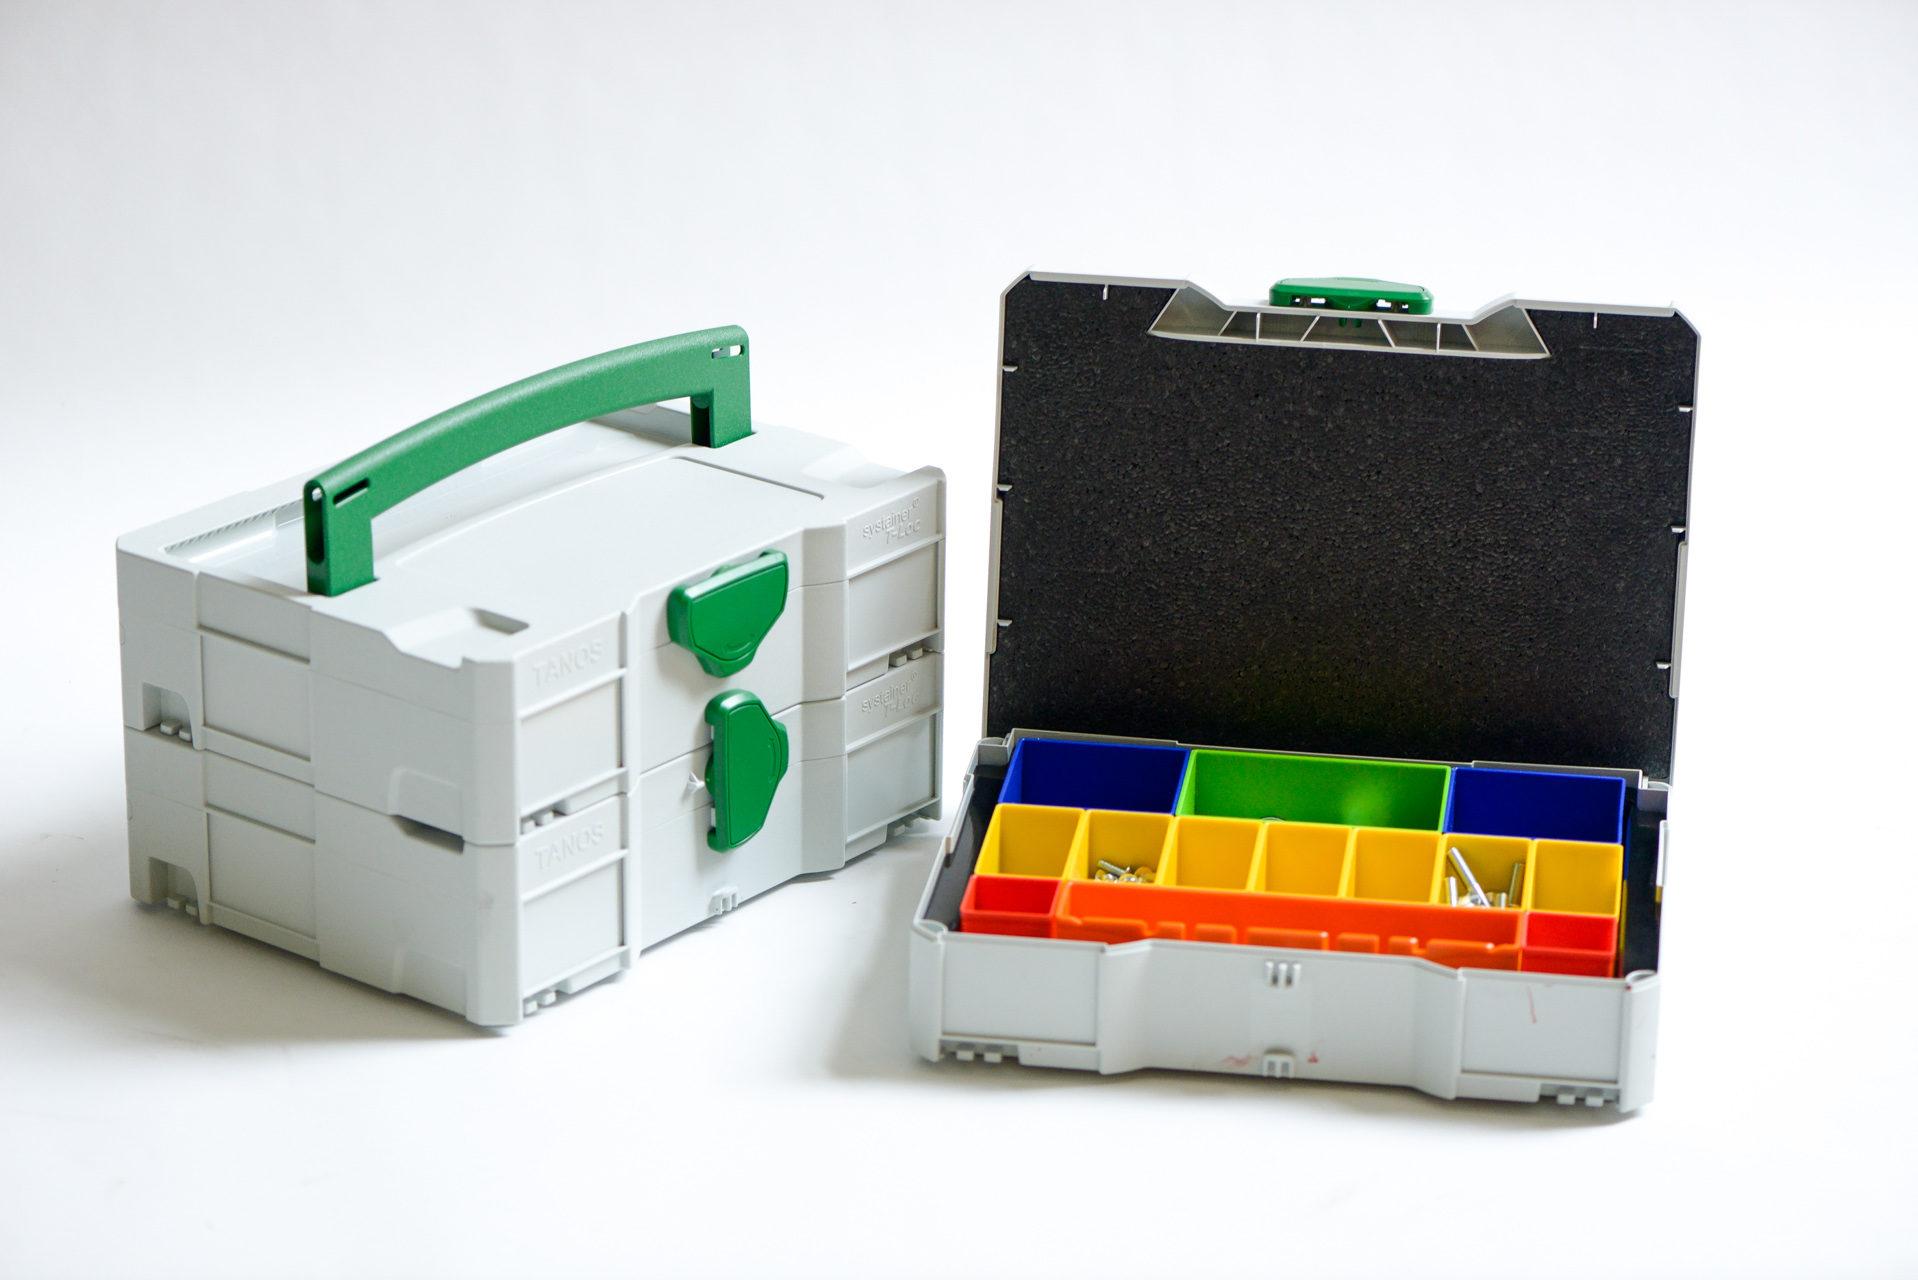 photopgraphe-ile-de-france-optima-system-rangement-modulaire